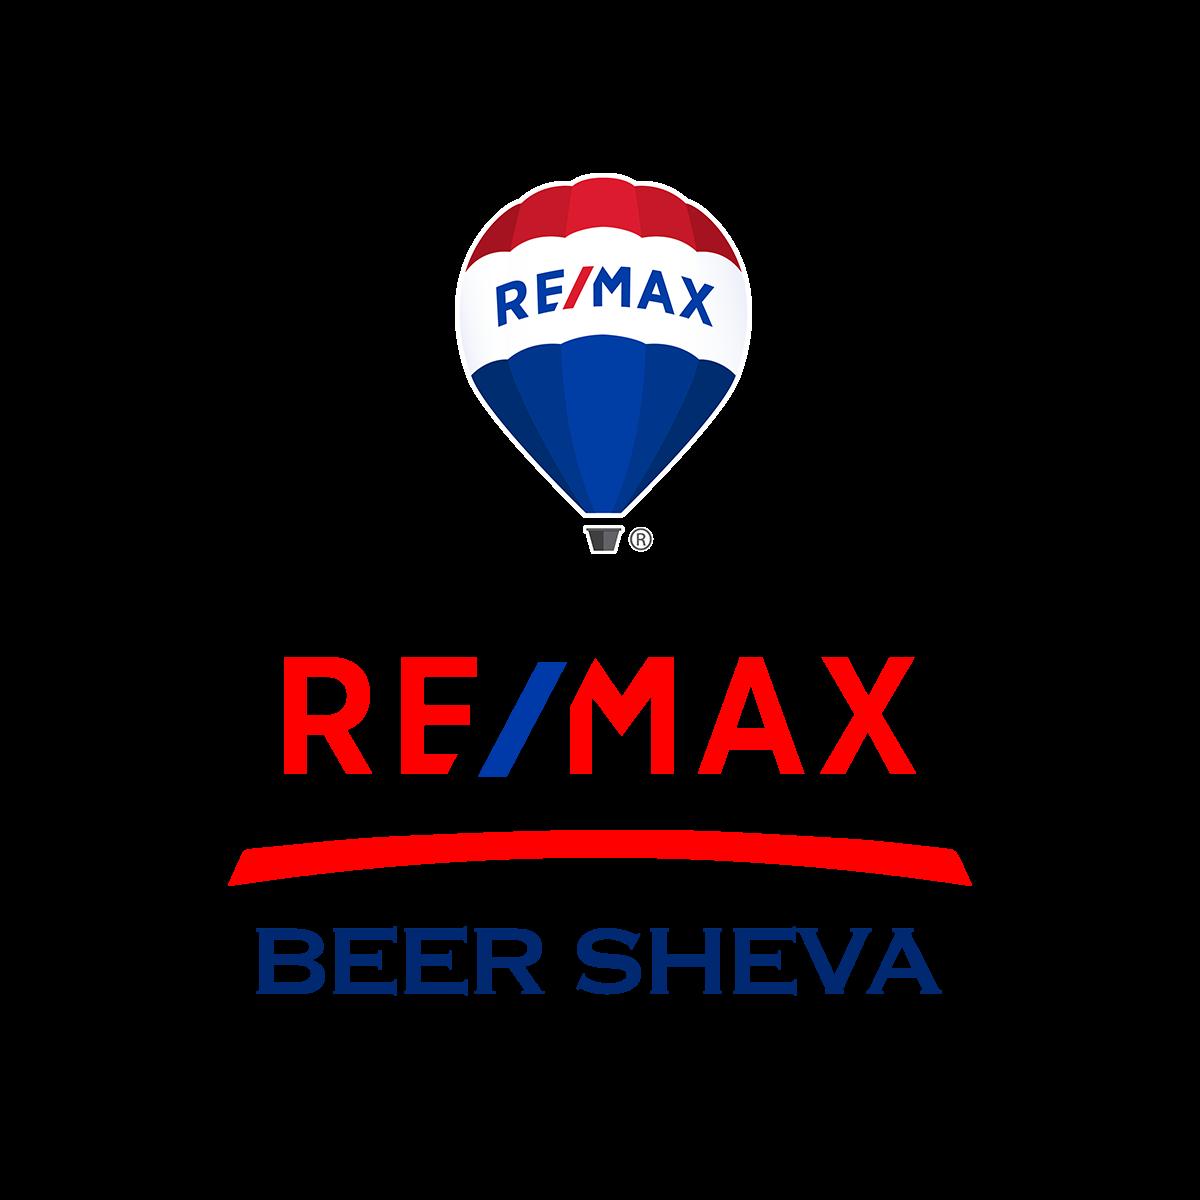 רימקס באר שבע - Remax beer sheva